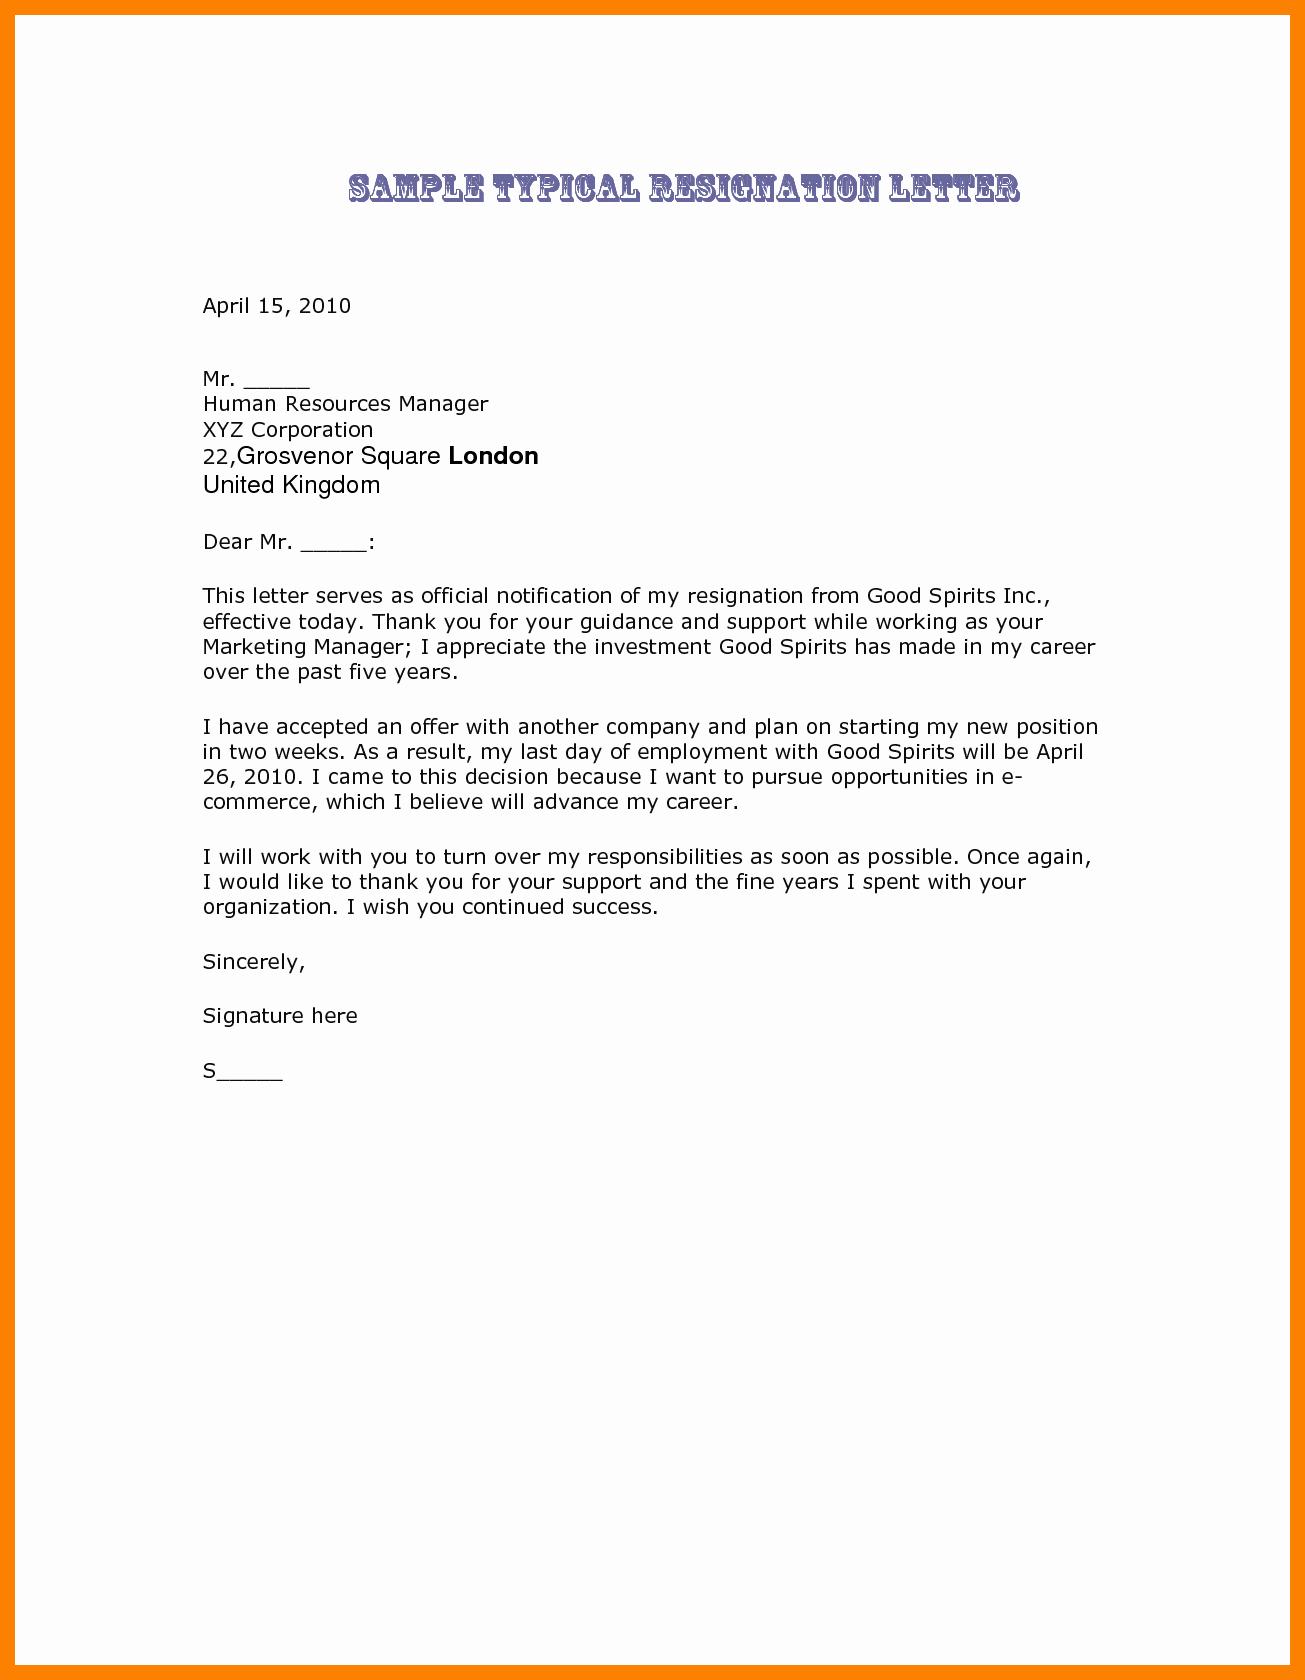 Letter Of Resignation Retirement Example Lovely Best Resignation Letter Ever